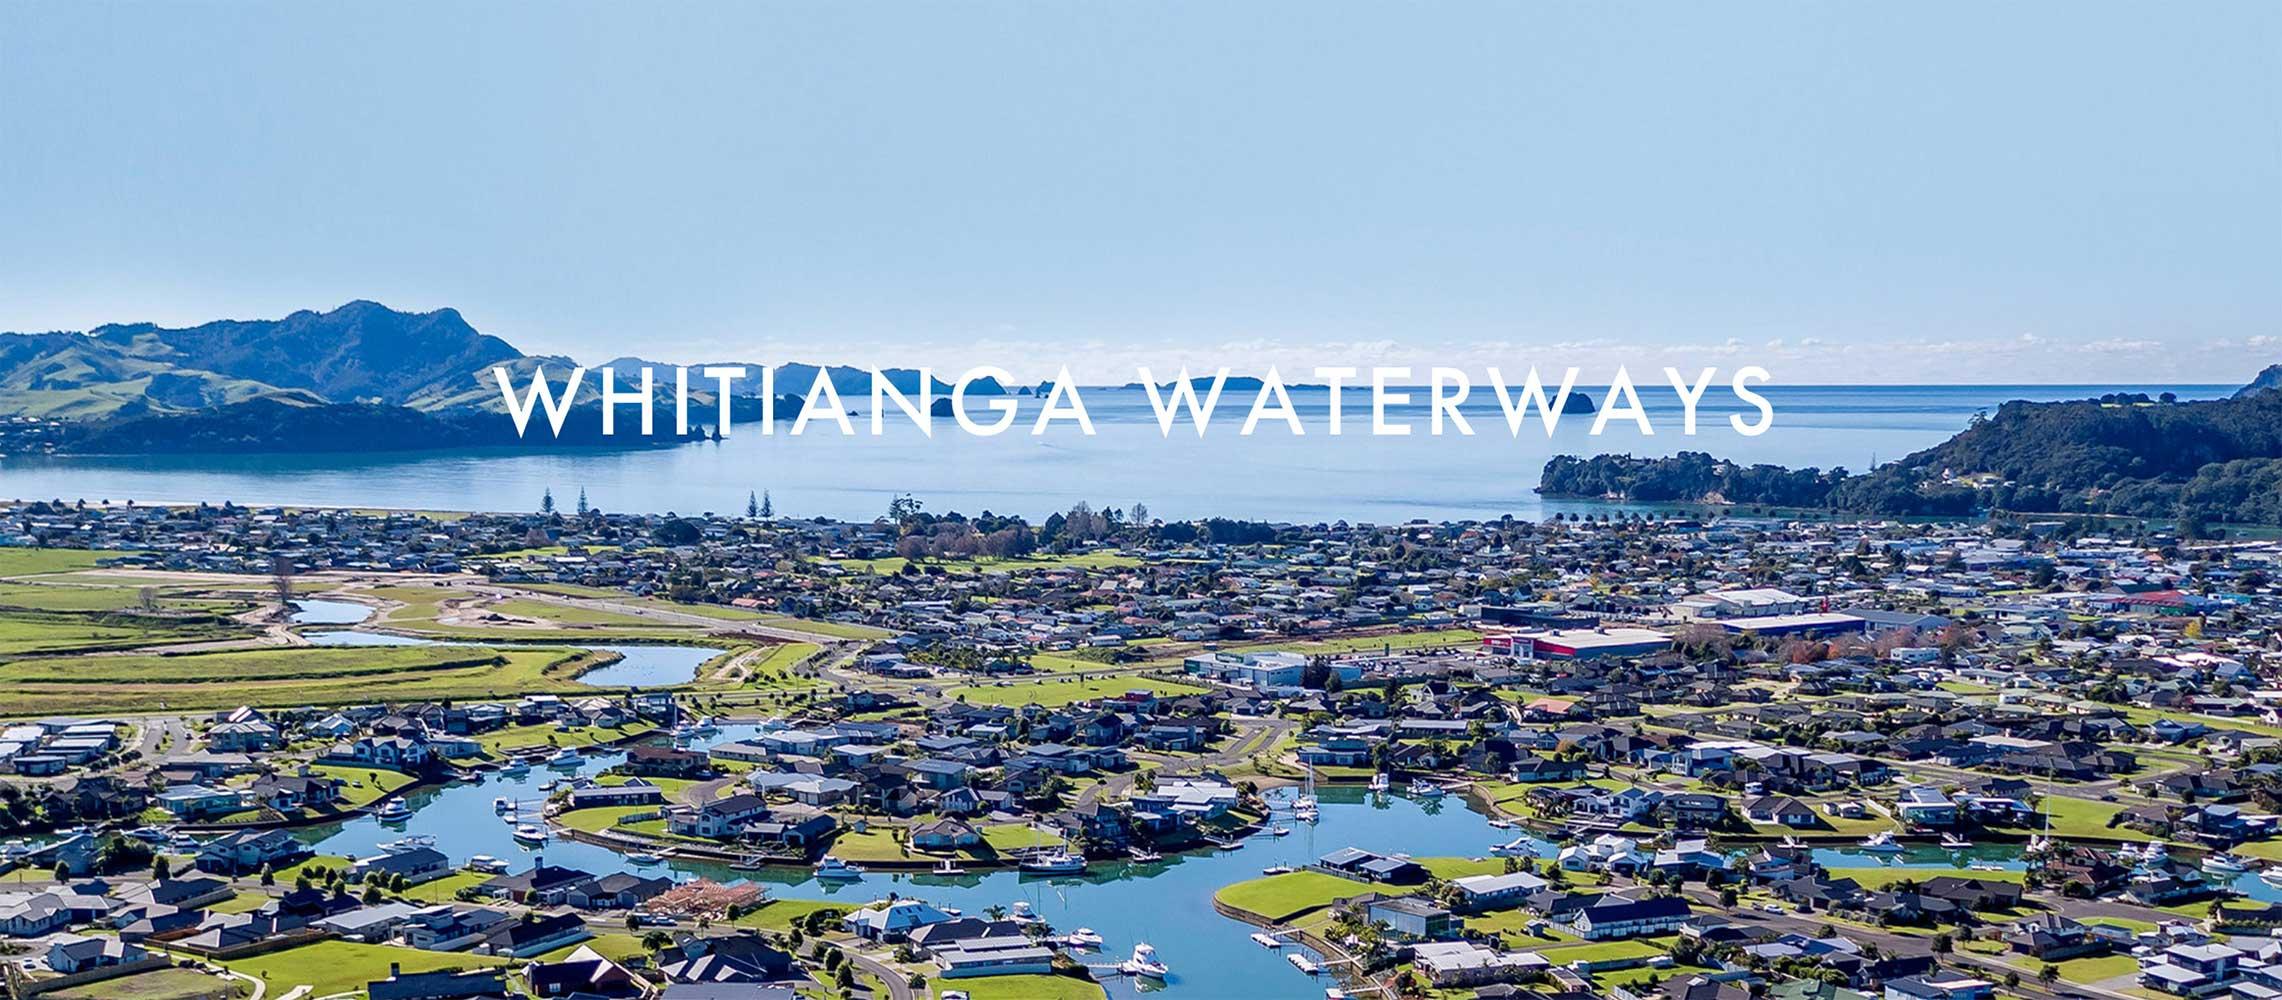 Whitianga waterways